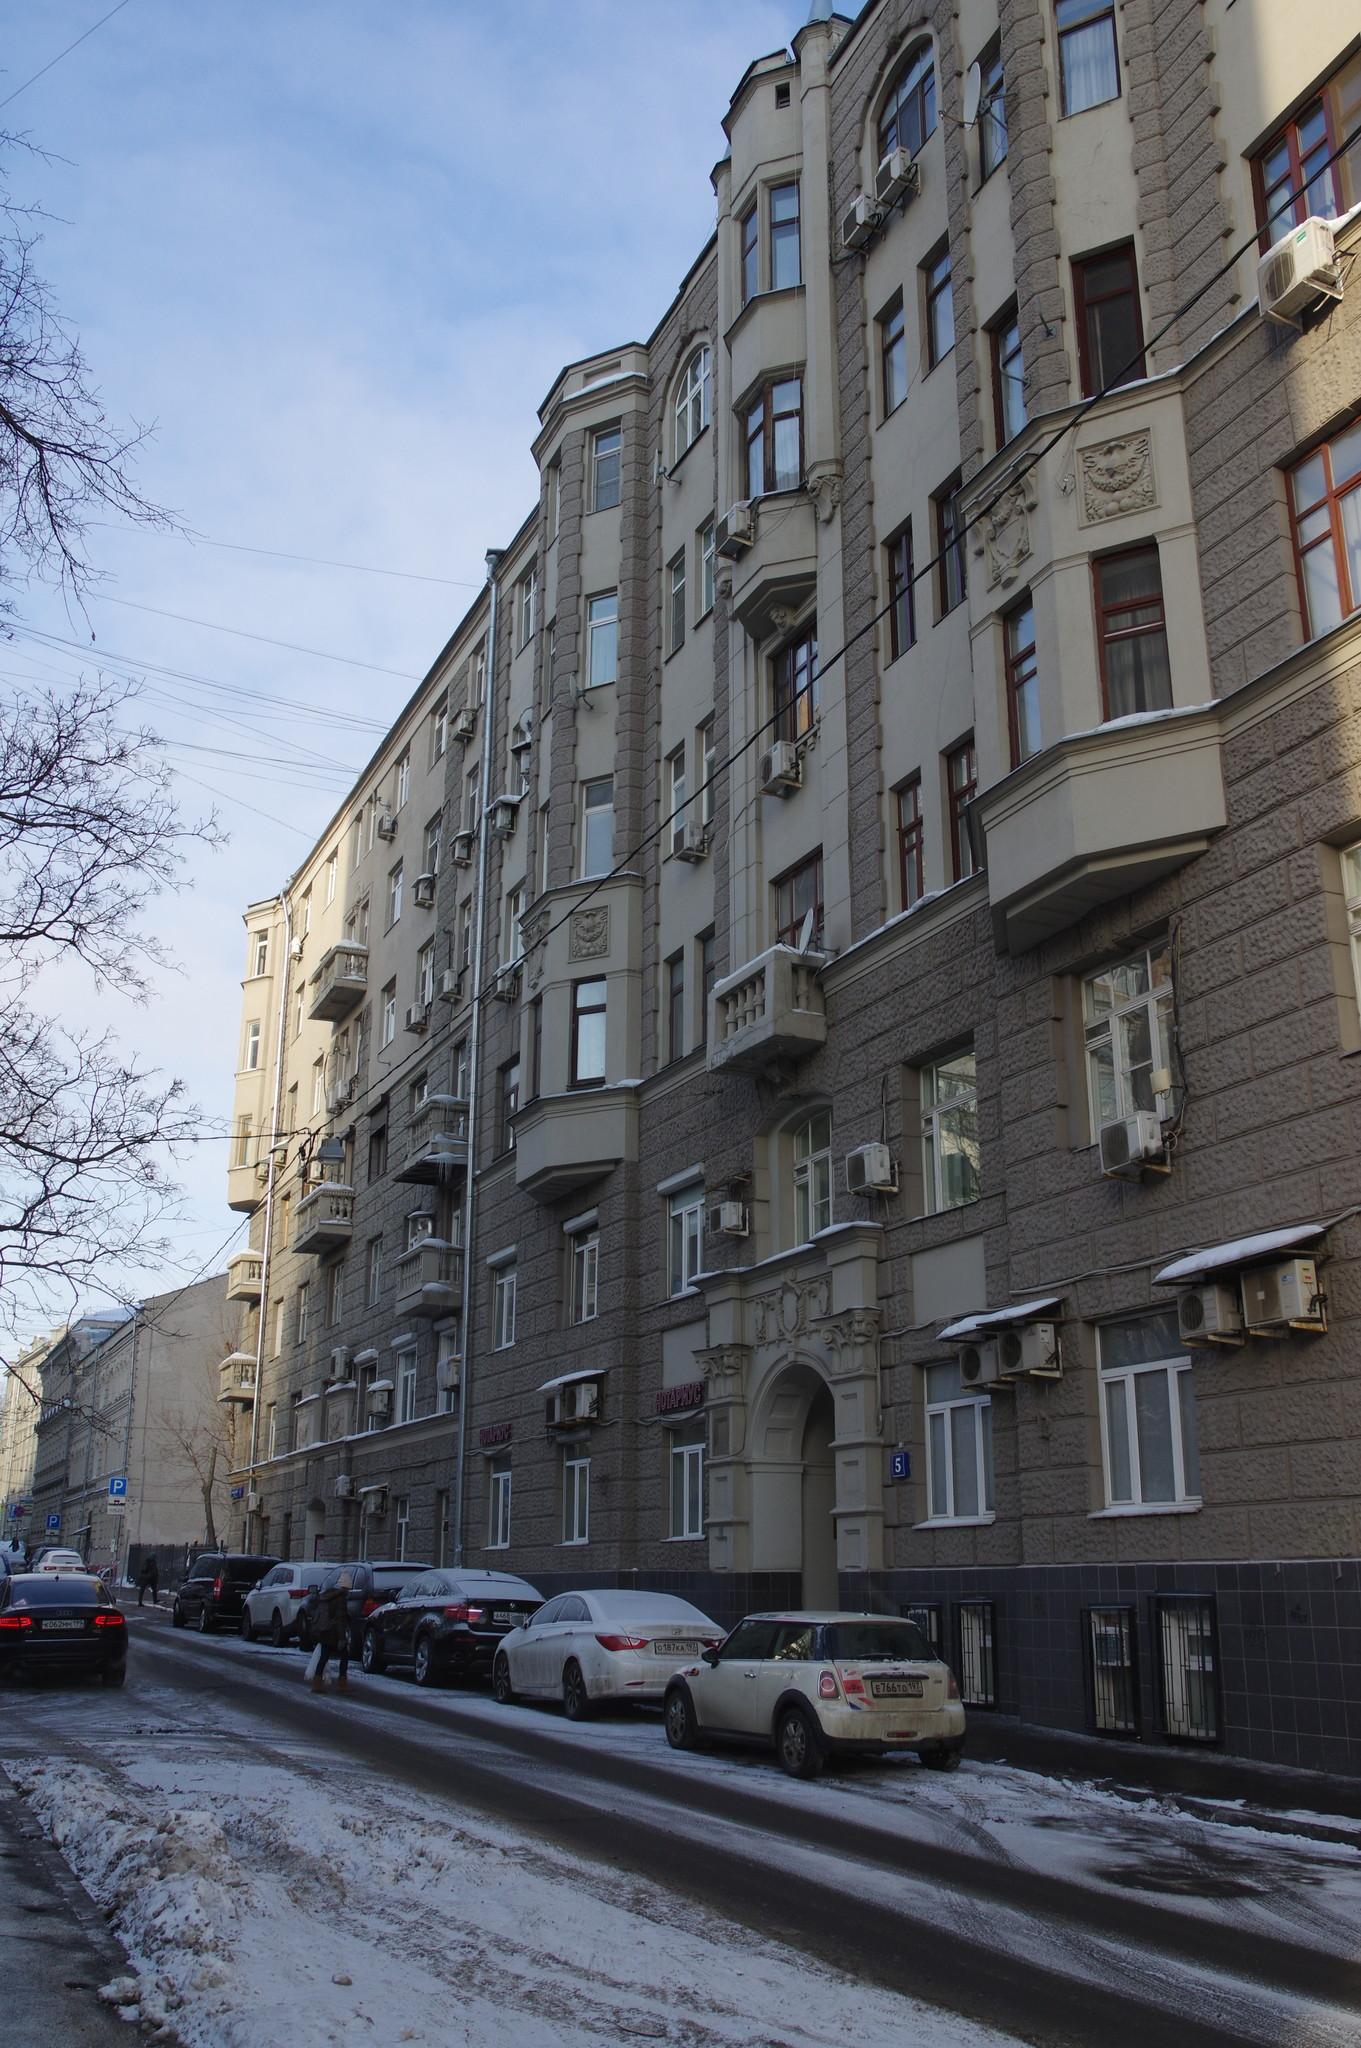 Большой Казённый переулок, дом 7. Здесь с 1950 года по 1999 год, жил участник Великой Отечественной войны 1941-1945 годов, генерал-майор инженерно-технической службы Николай Николаевич Волгин